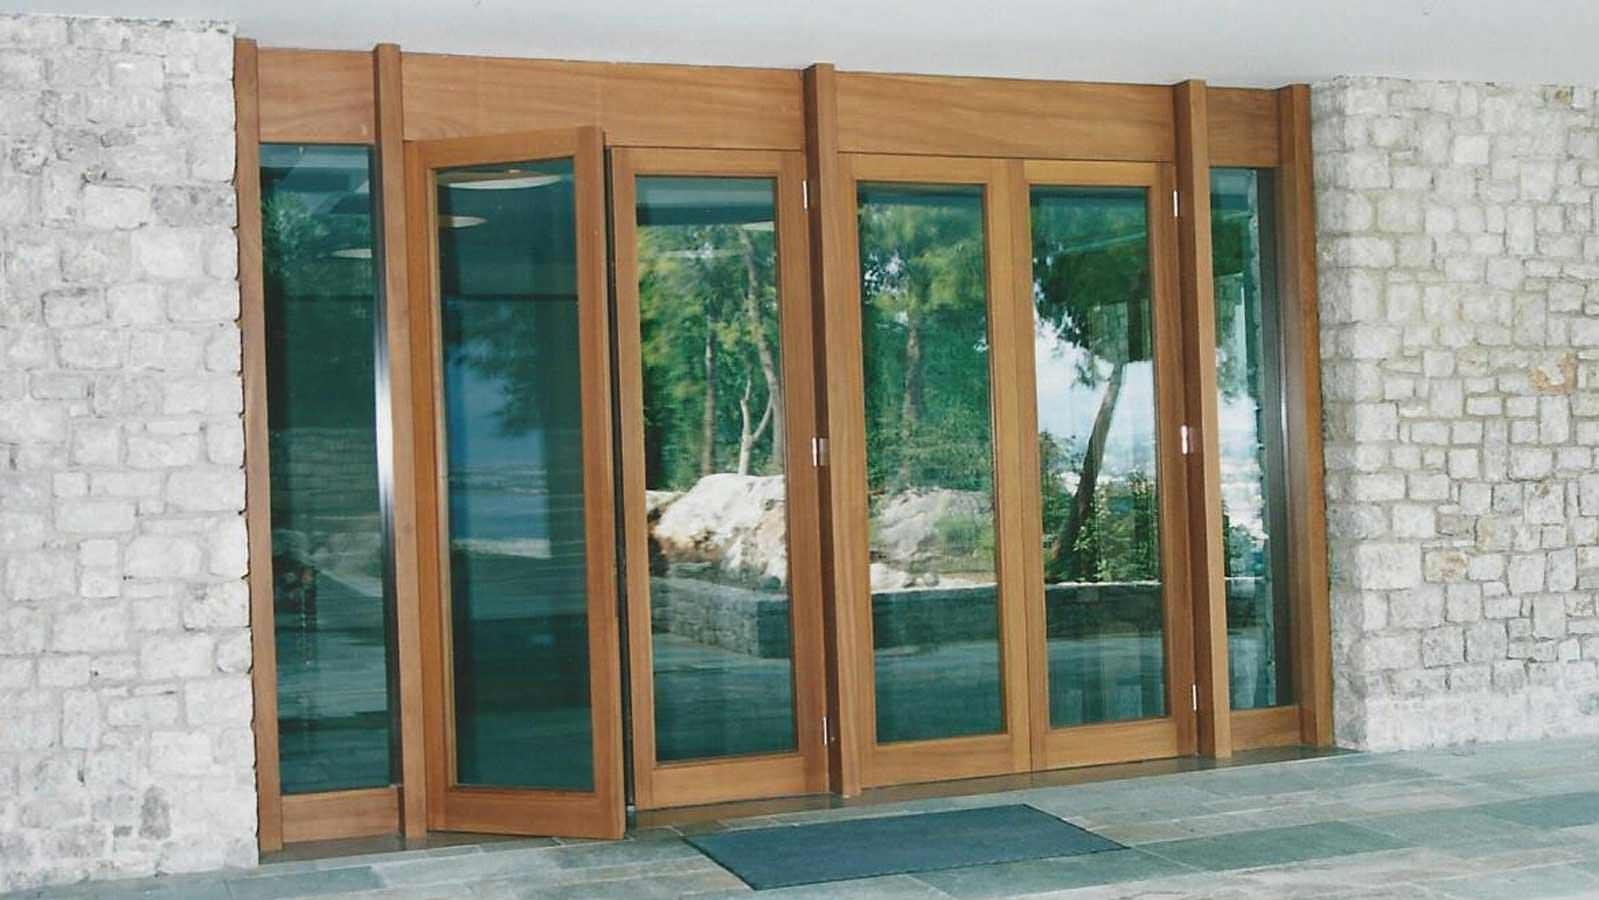 Εξωτερική ανοιγόμενη πόρτα IROCO μασίφ